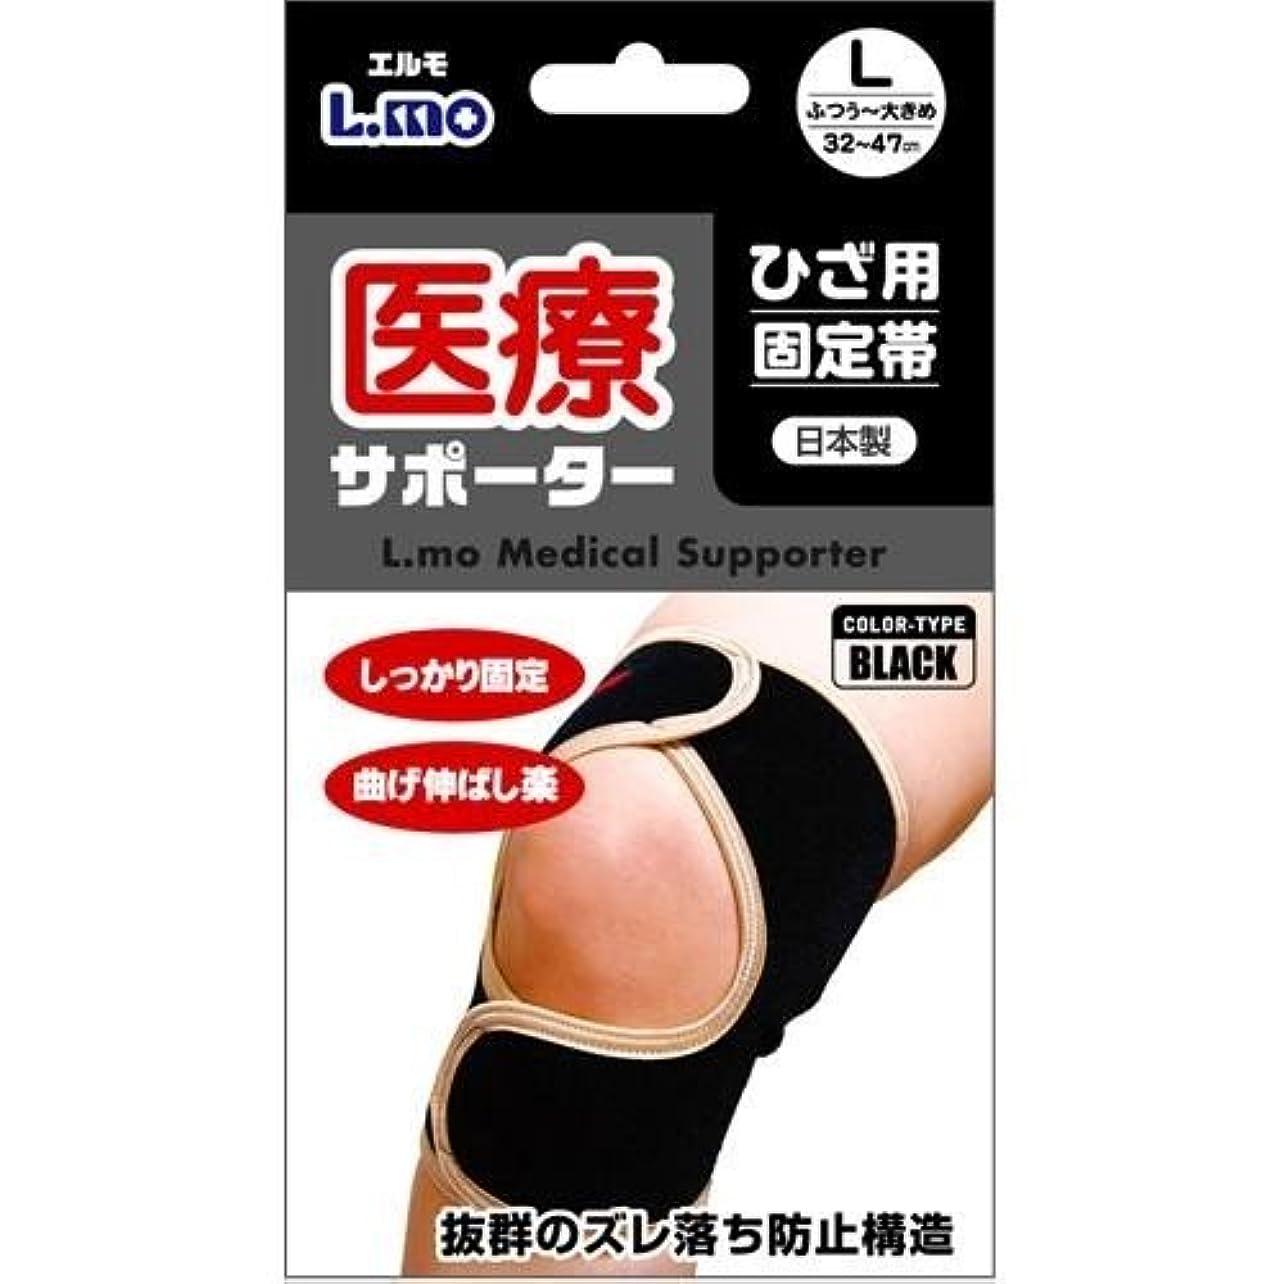 勧告損傷牧草地エルモ医療サポーター ひざ用固定帯 ブラック ■2種類の内「Mサイズ?786492」を1点のみです